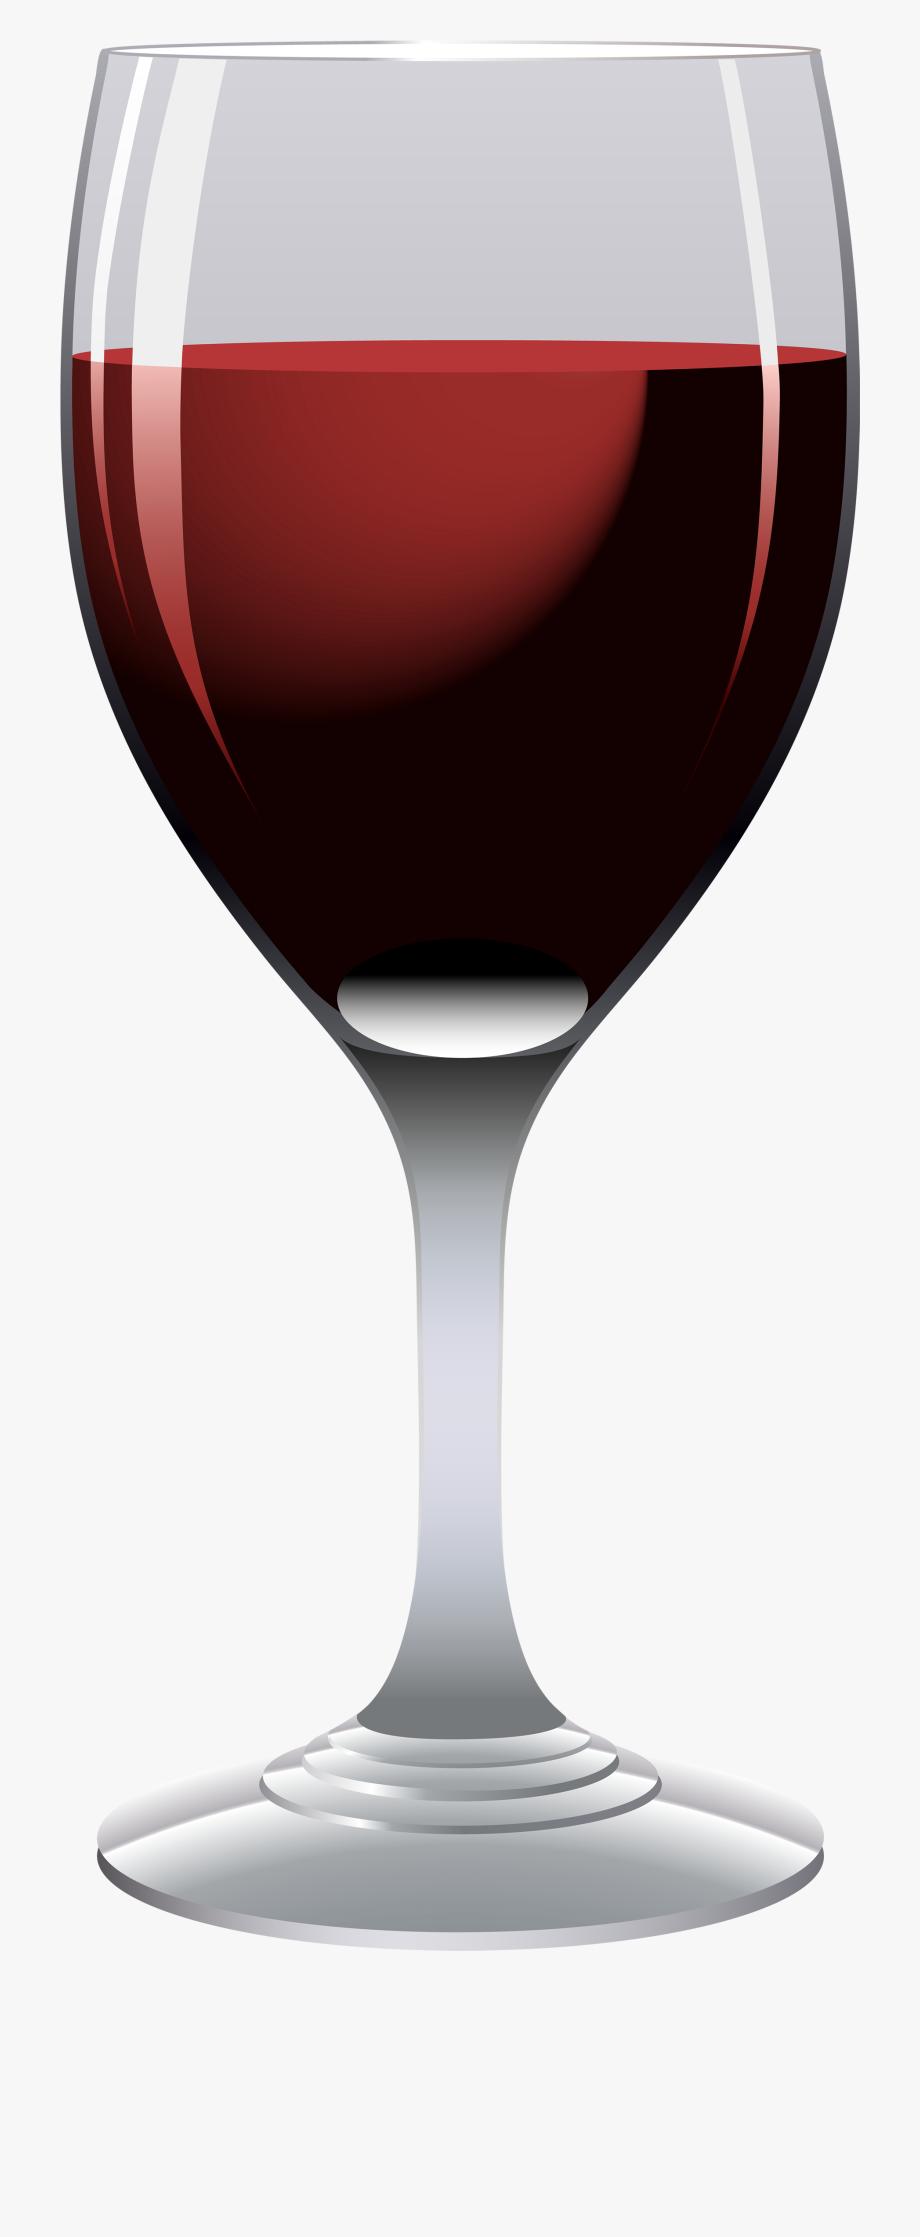 Clip Art Wine Glass Clipart.